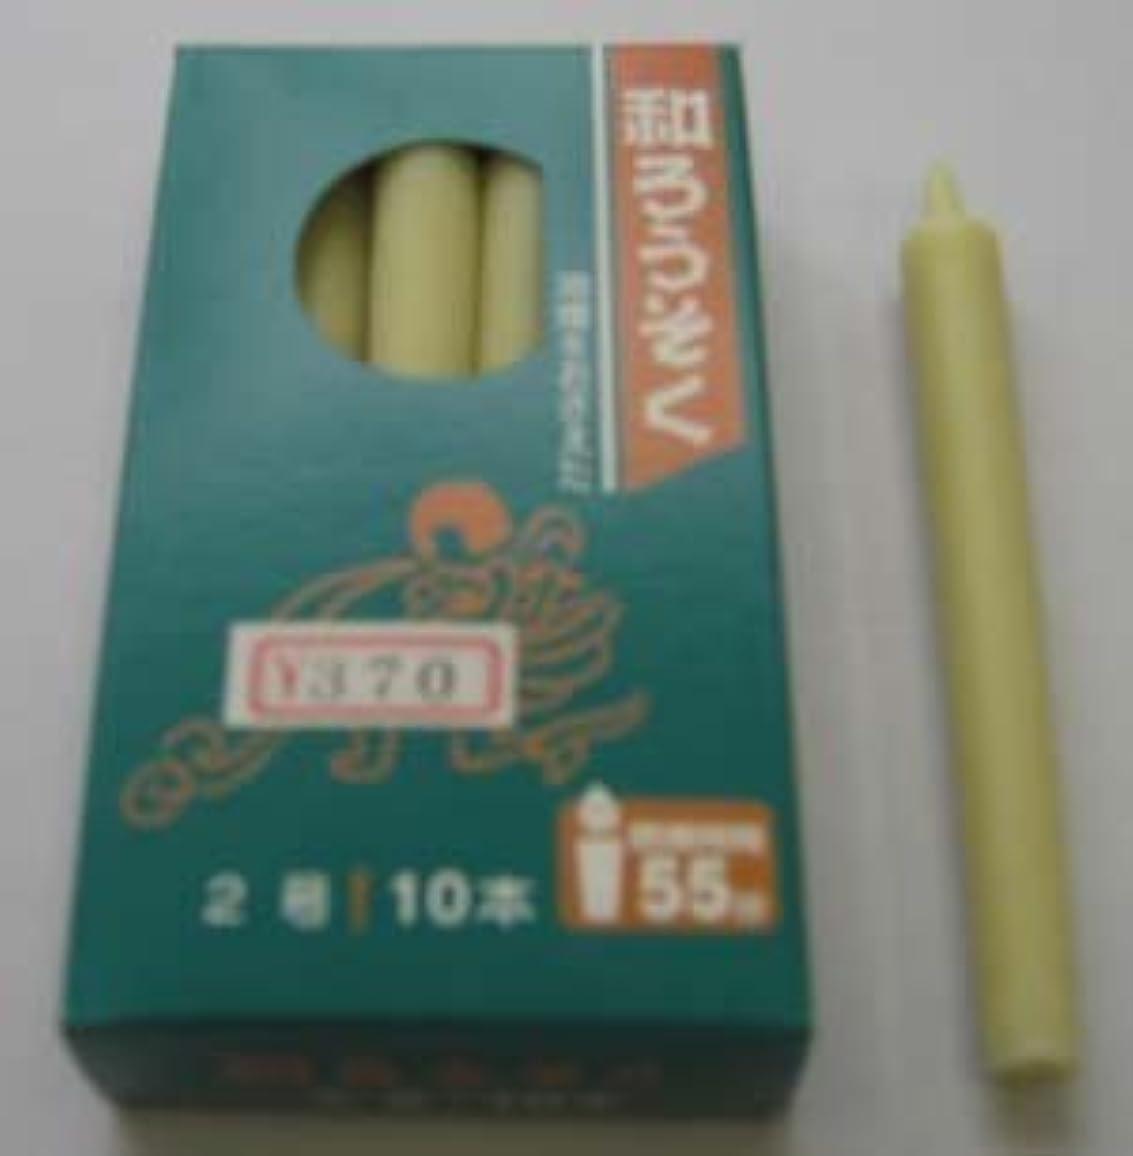 消毒する苦情文句海上和ろうそく 型和蝋燭 ローソク 2号 棒タイプ 白 小箱 10本入り